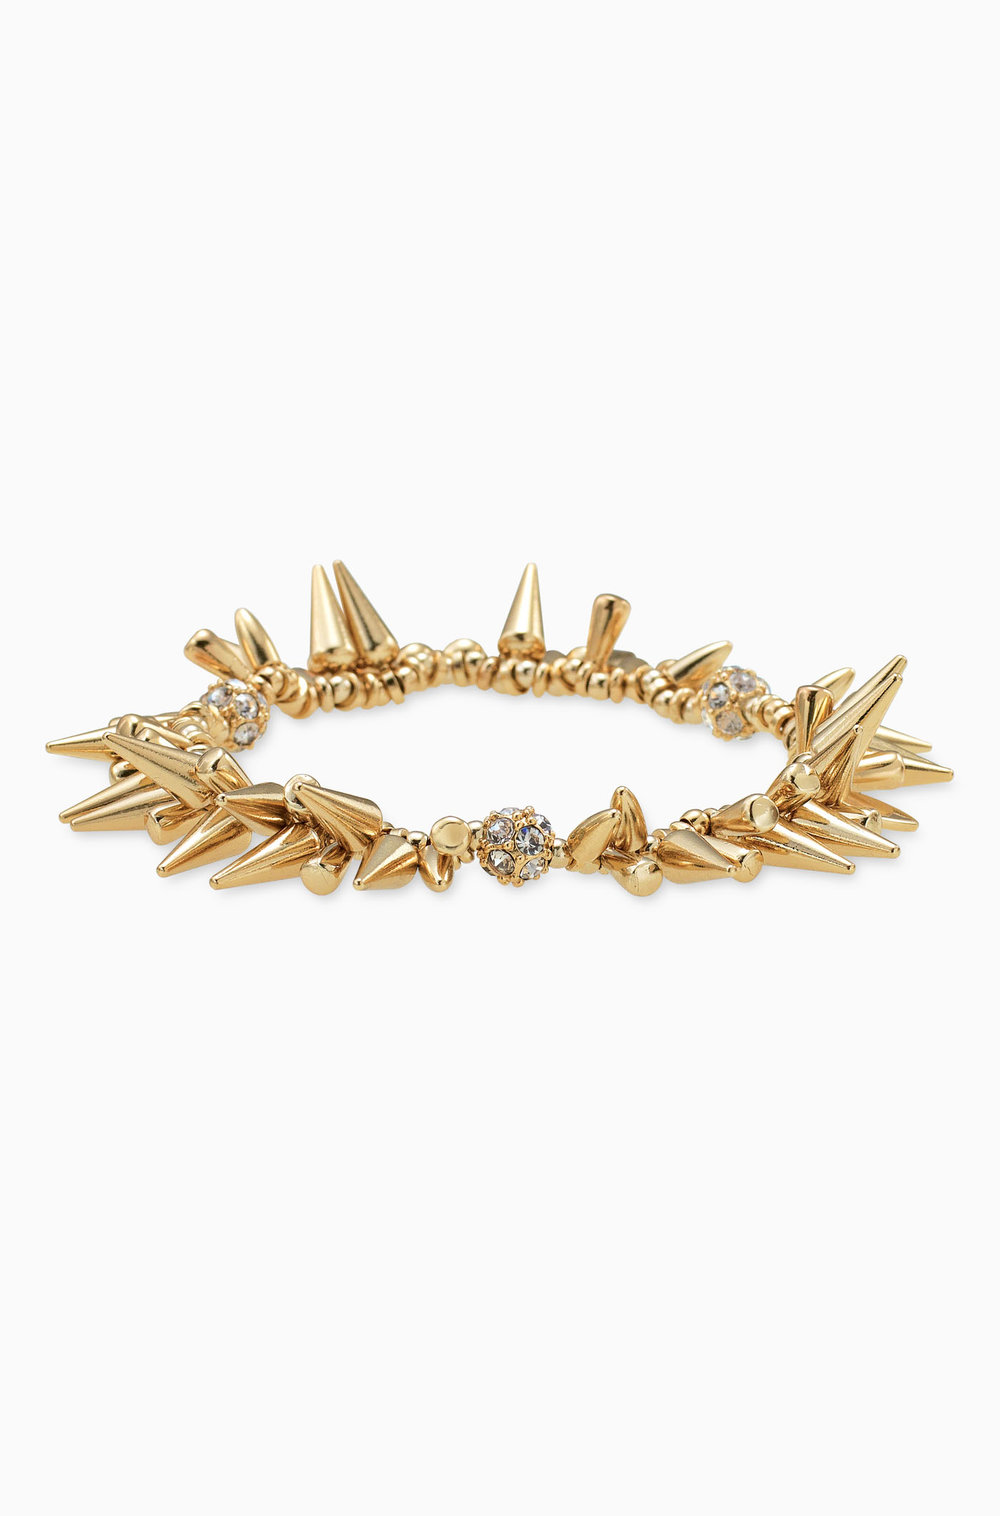 Rengade Cluster Bracelet